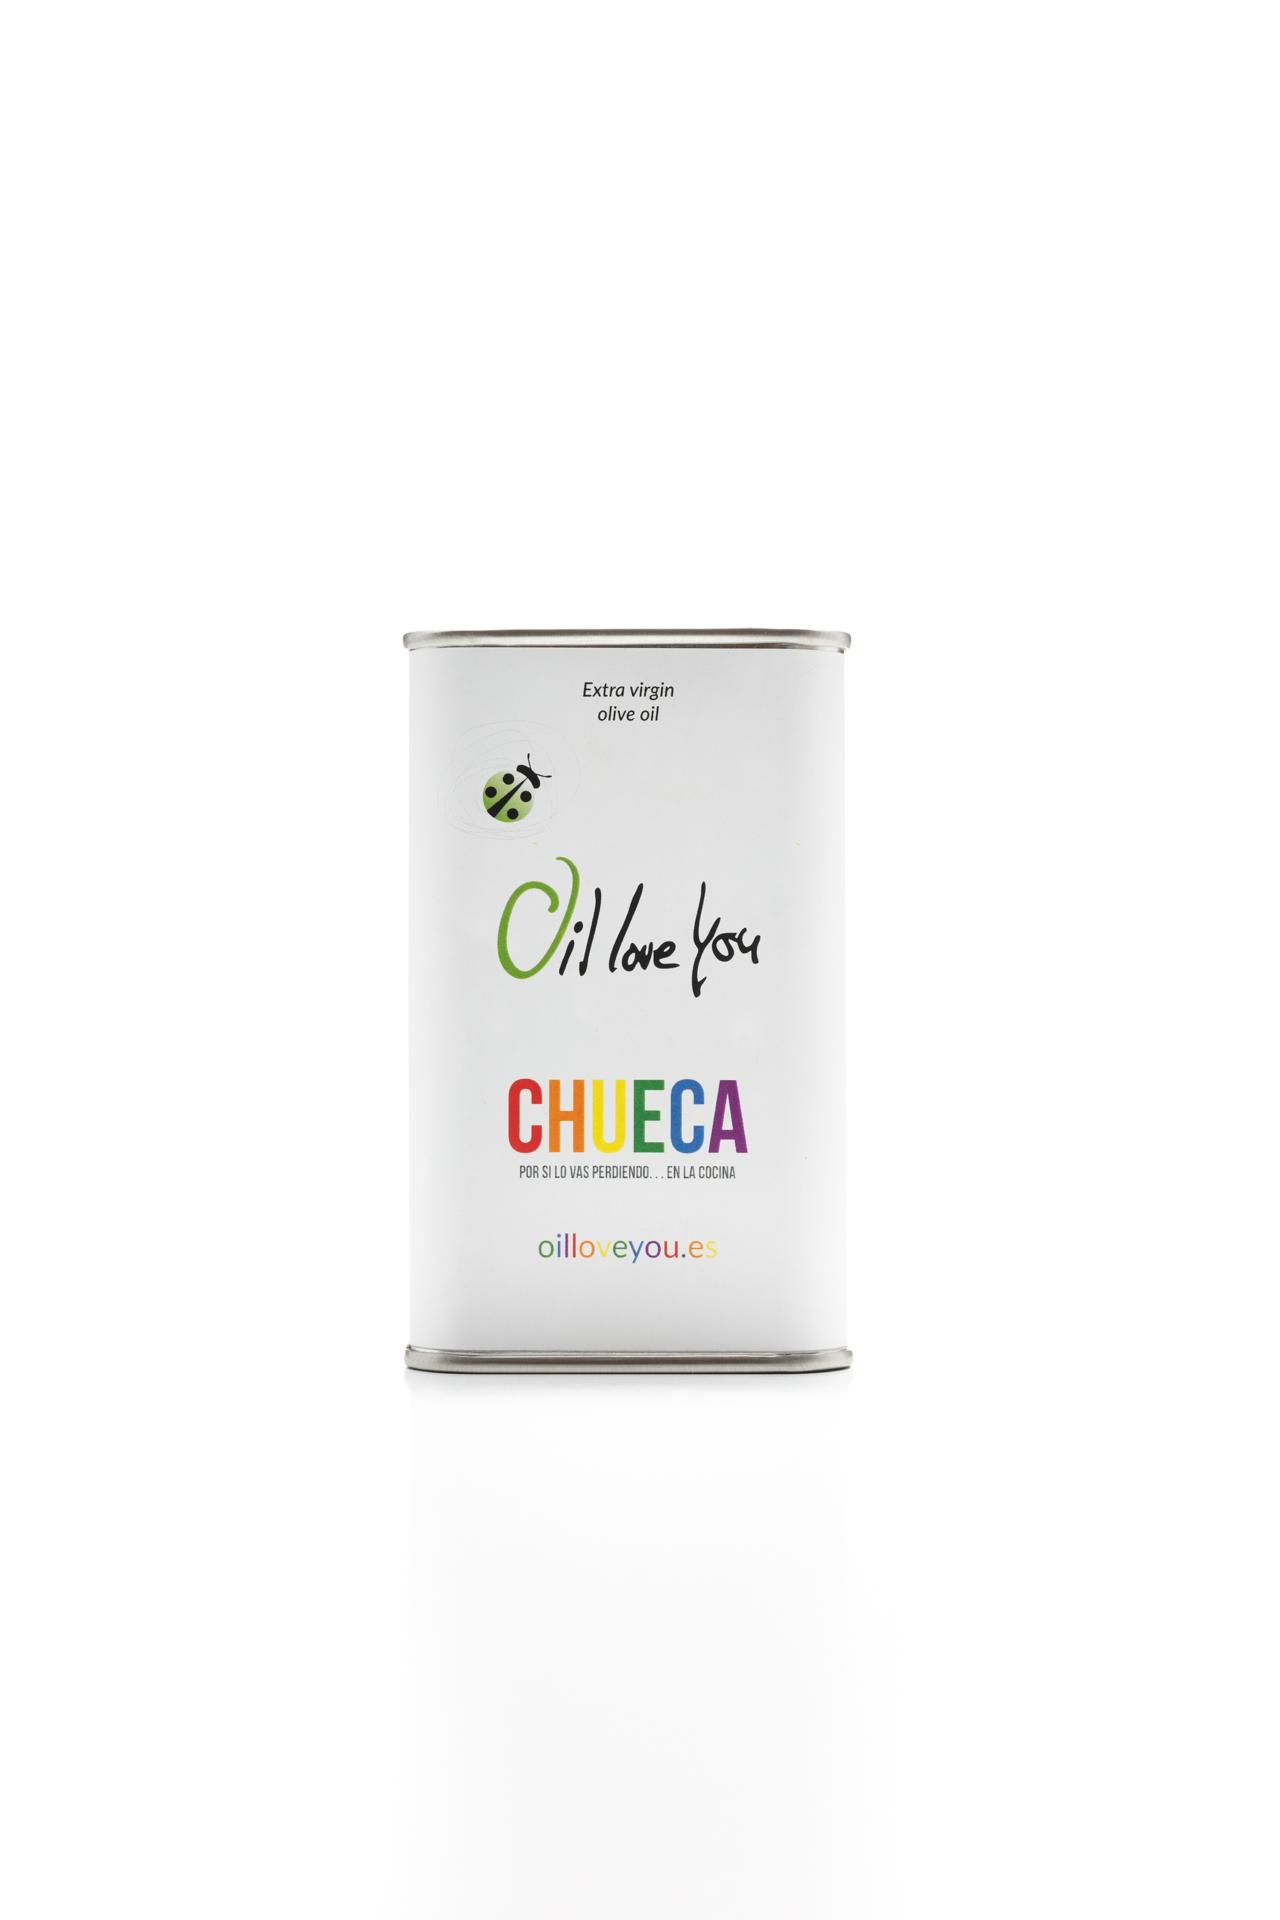 lata-de-aceite-de-oliva-virgen-extra-250ml--EDICIÓN-CHUECA-oilloveyou (1)